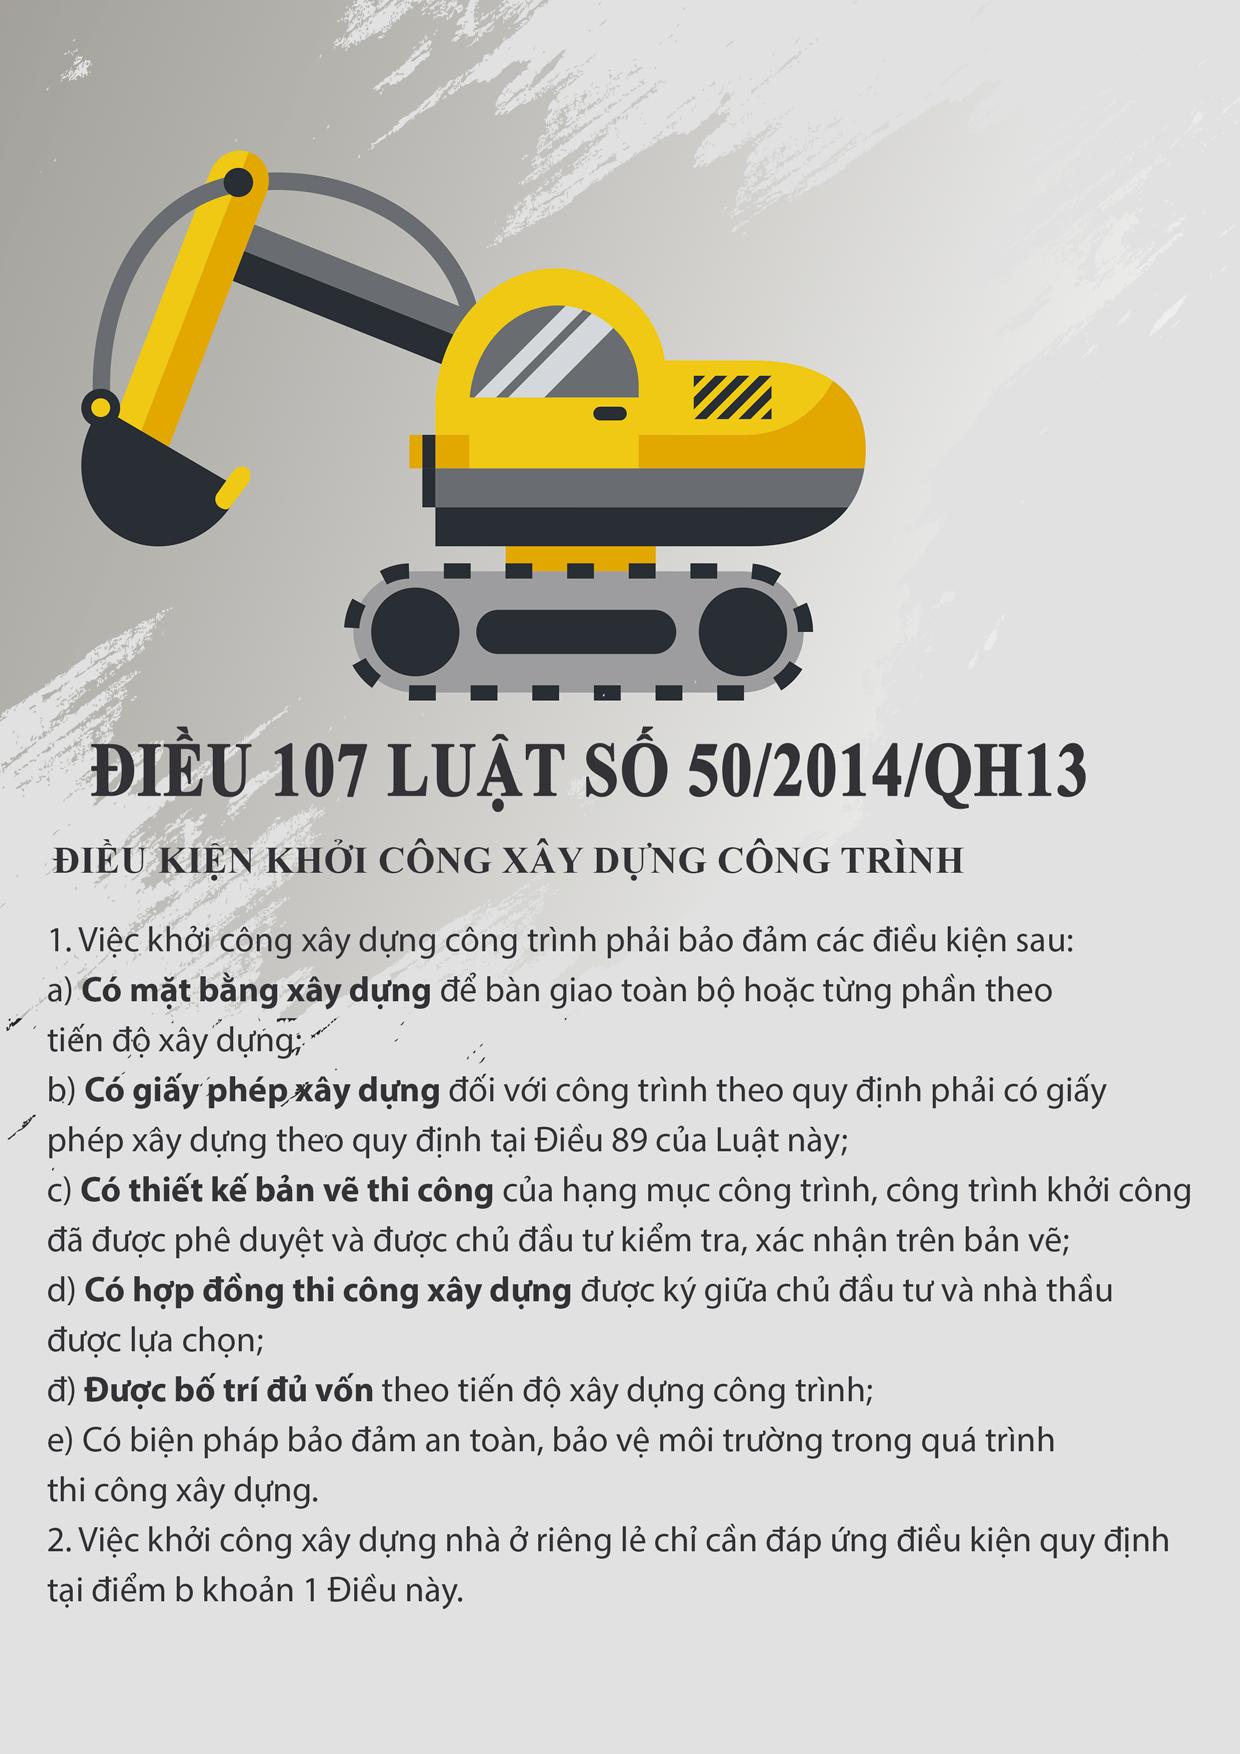 dieu-kien-khoi-cong-xay-dung